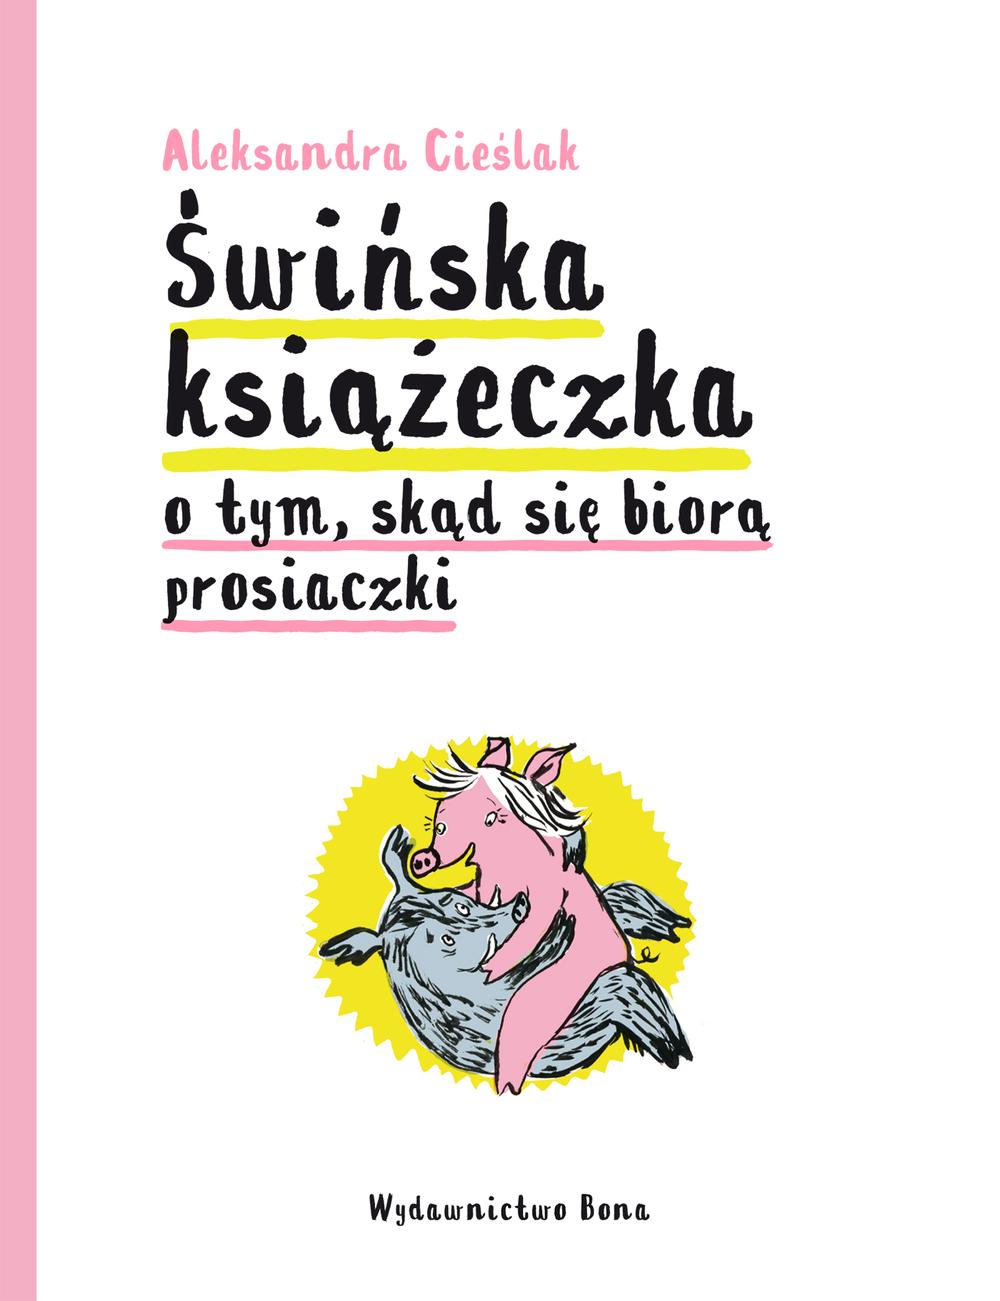 Aleksandra Cieślik - Świńska książeczka o tym, skąd się biorą prosiaczki [Wydawnictwo Bona]; #TataMariusz